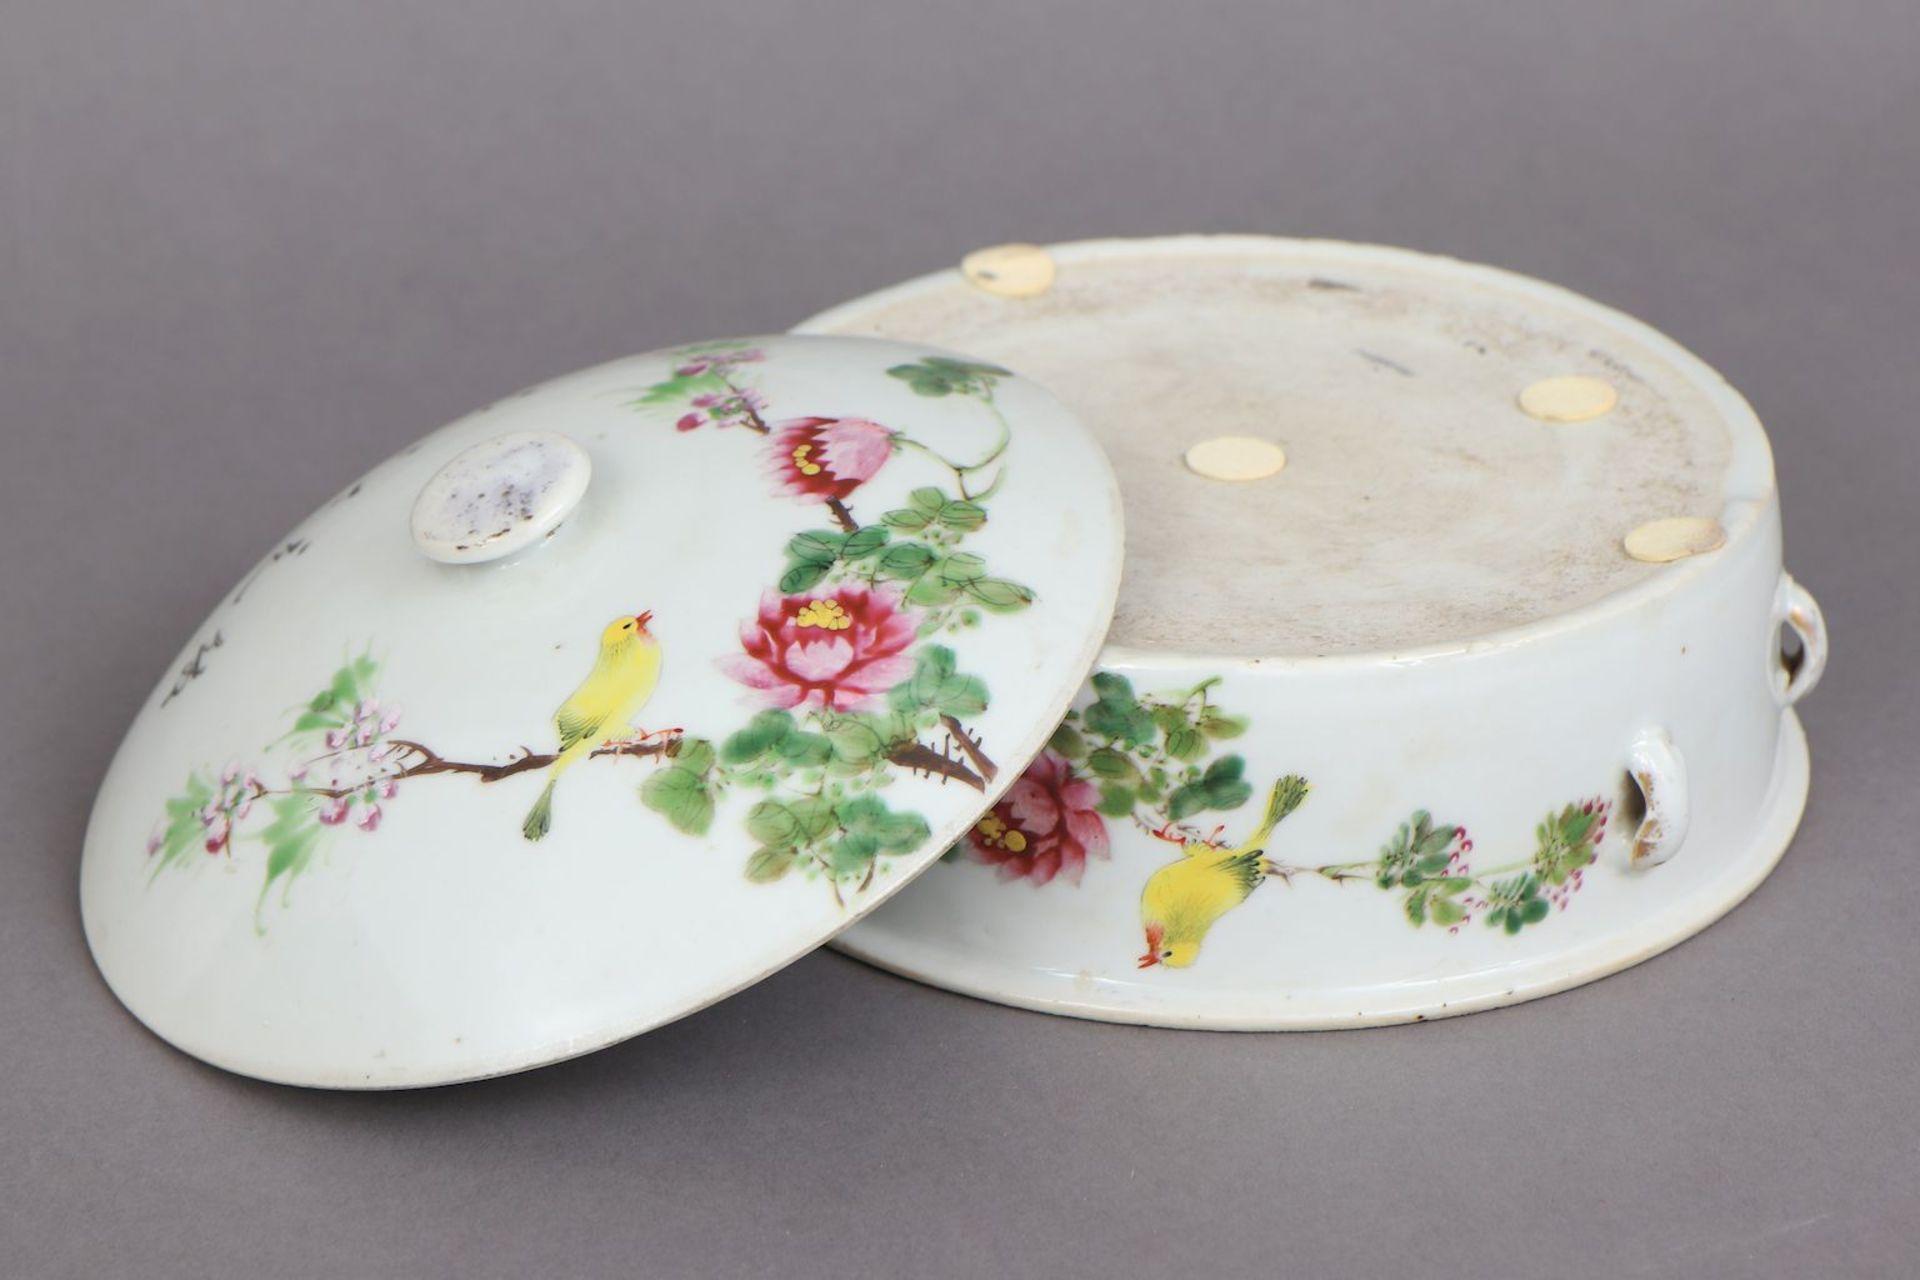 Chinesische Porzellan Deckeldose der späten Qing Dynastie (1644-1912) - Image 4 of 4